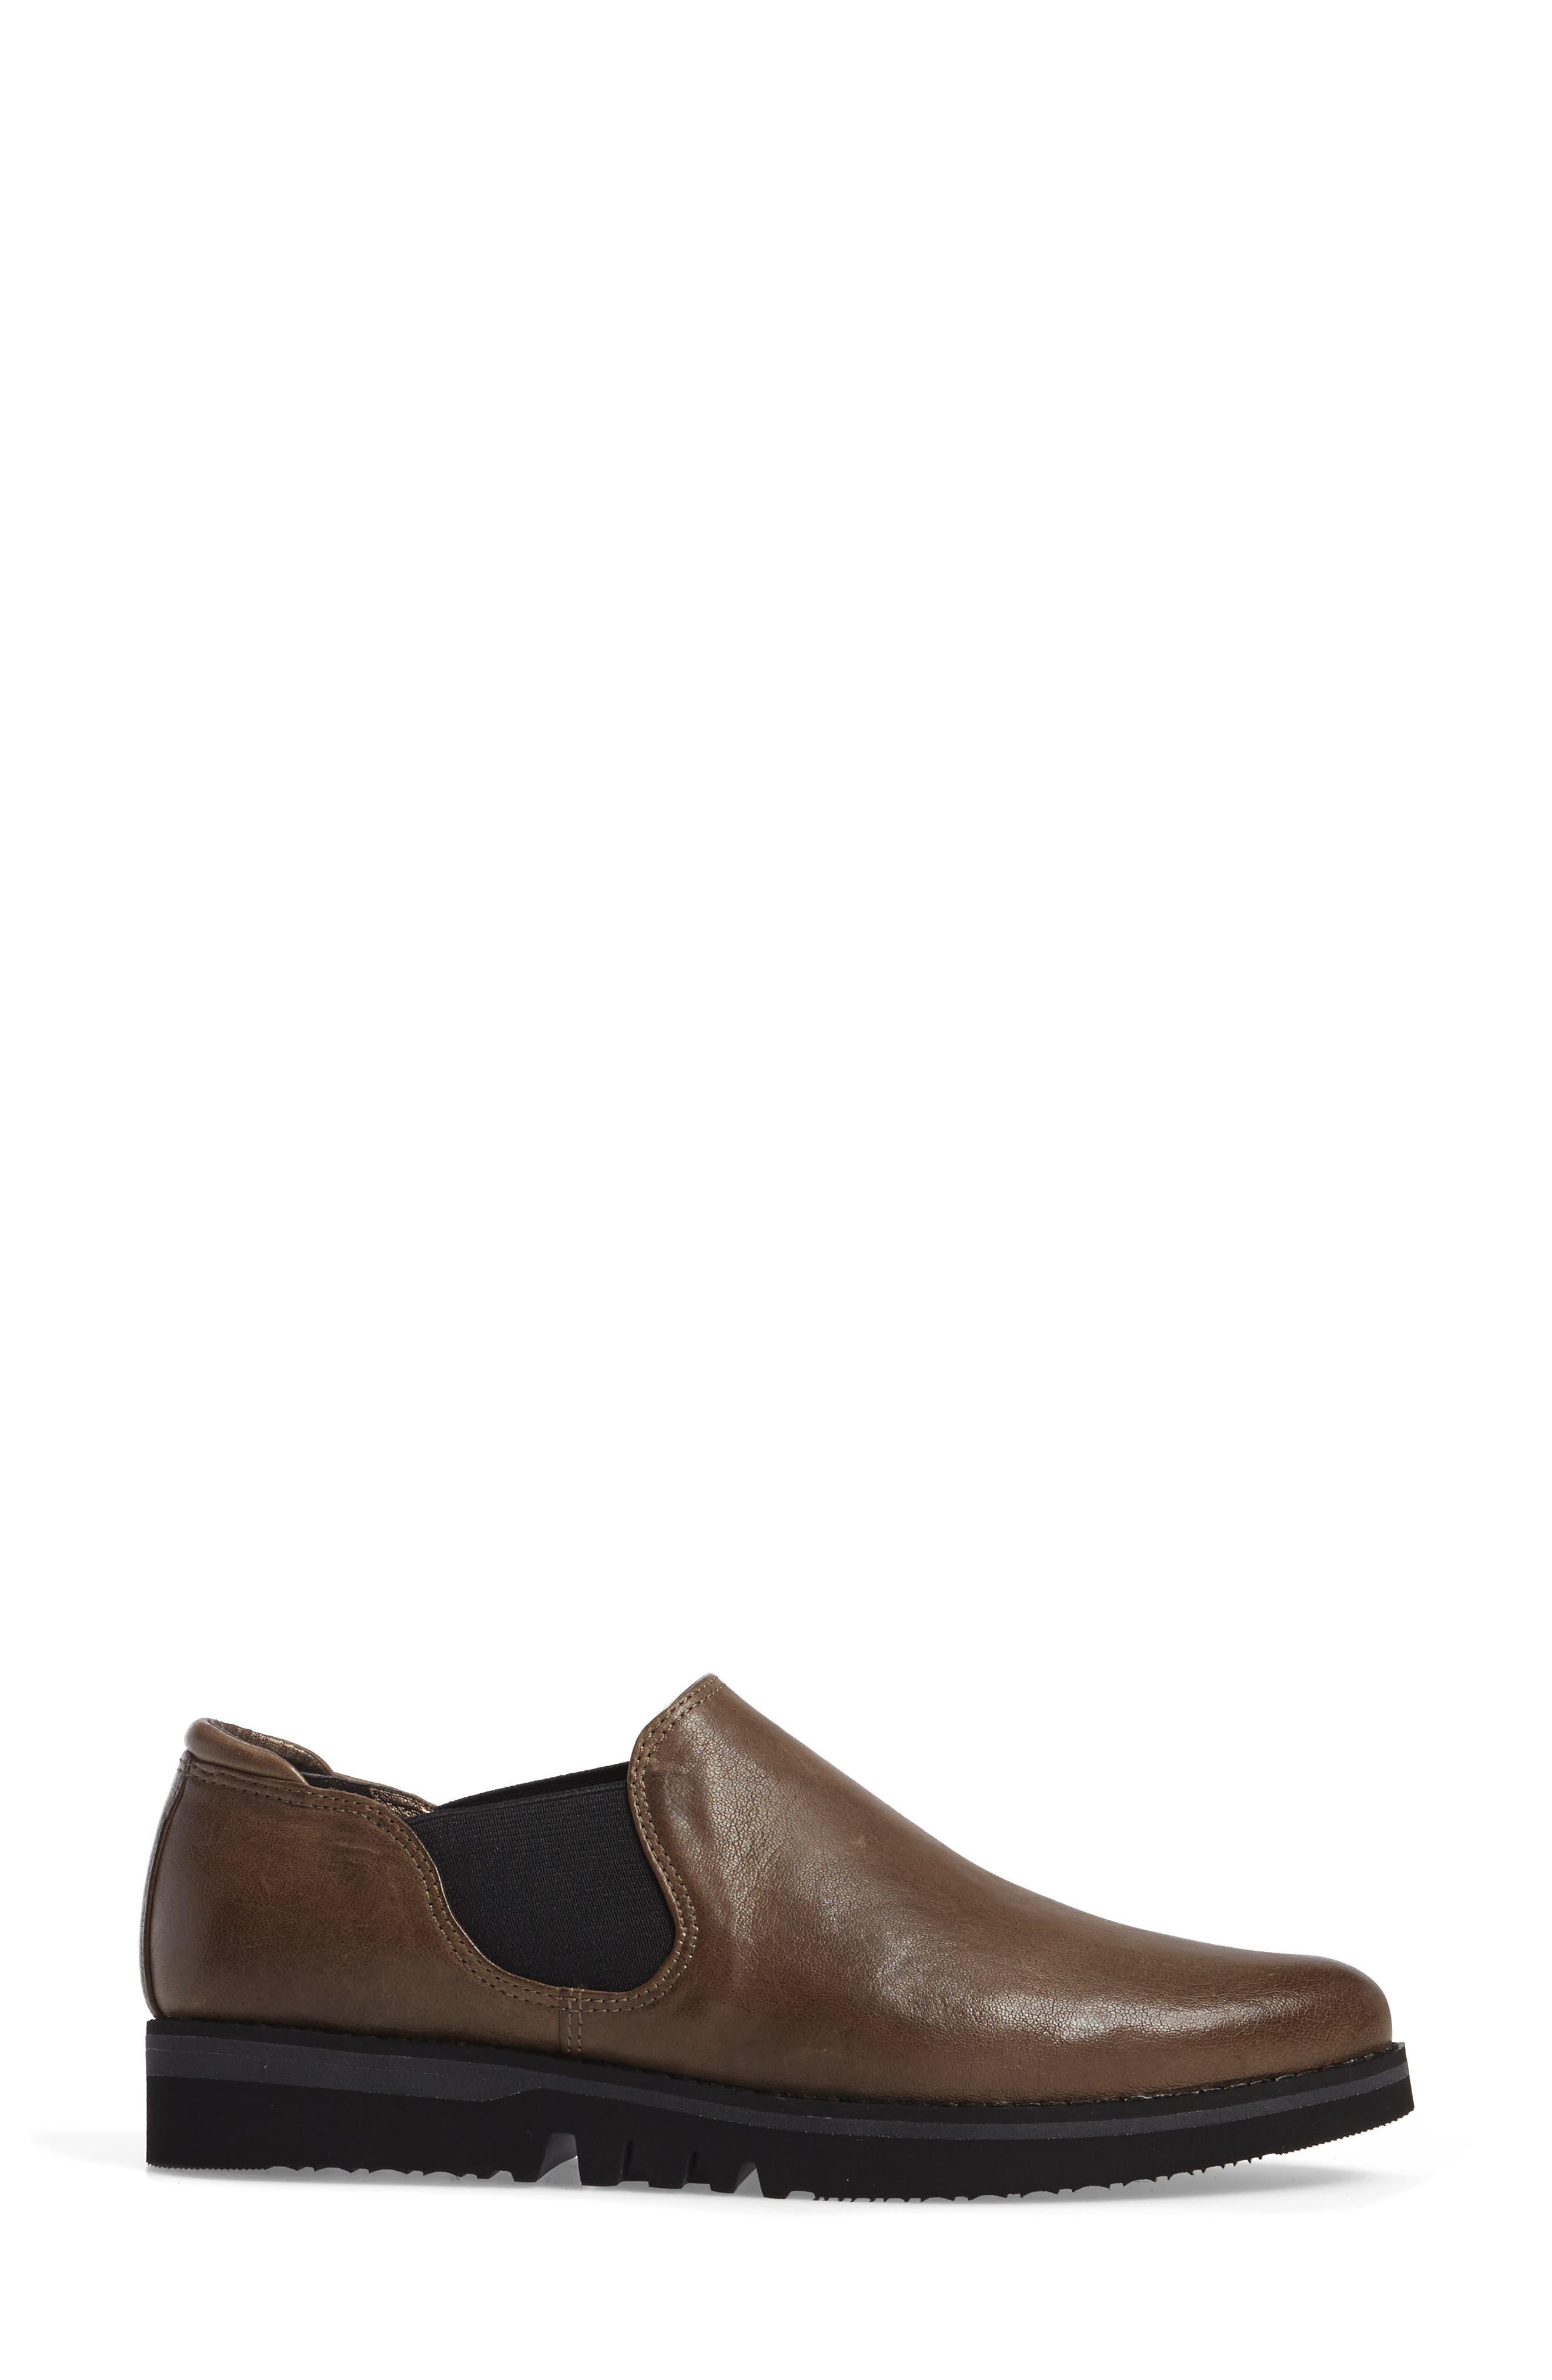 Brooklyn Slip-On,                             Alternate thumbnail 3, color,                             Mushroom Leather